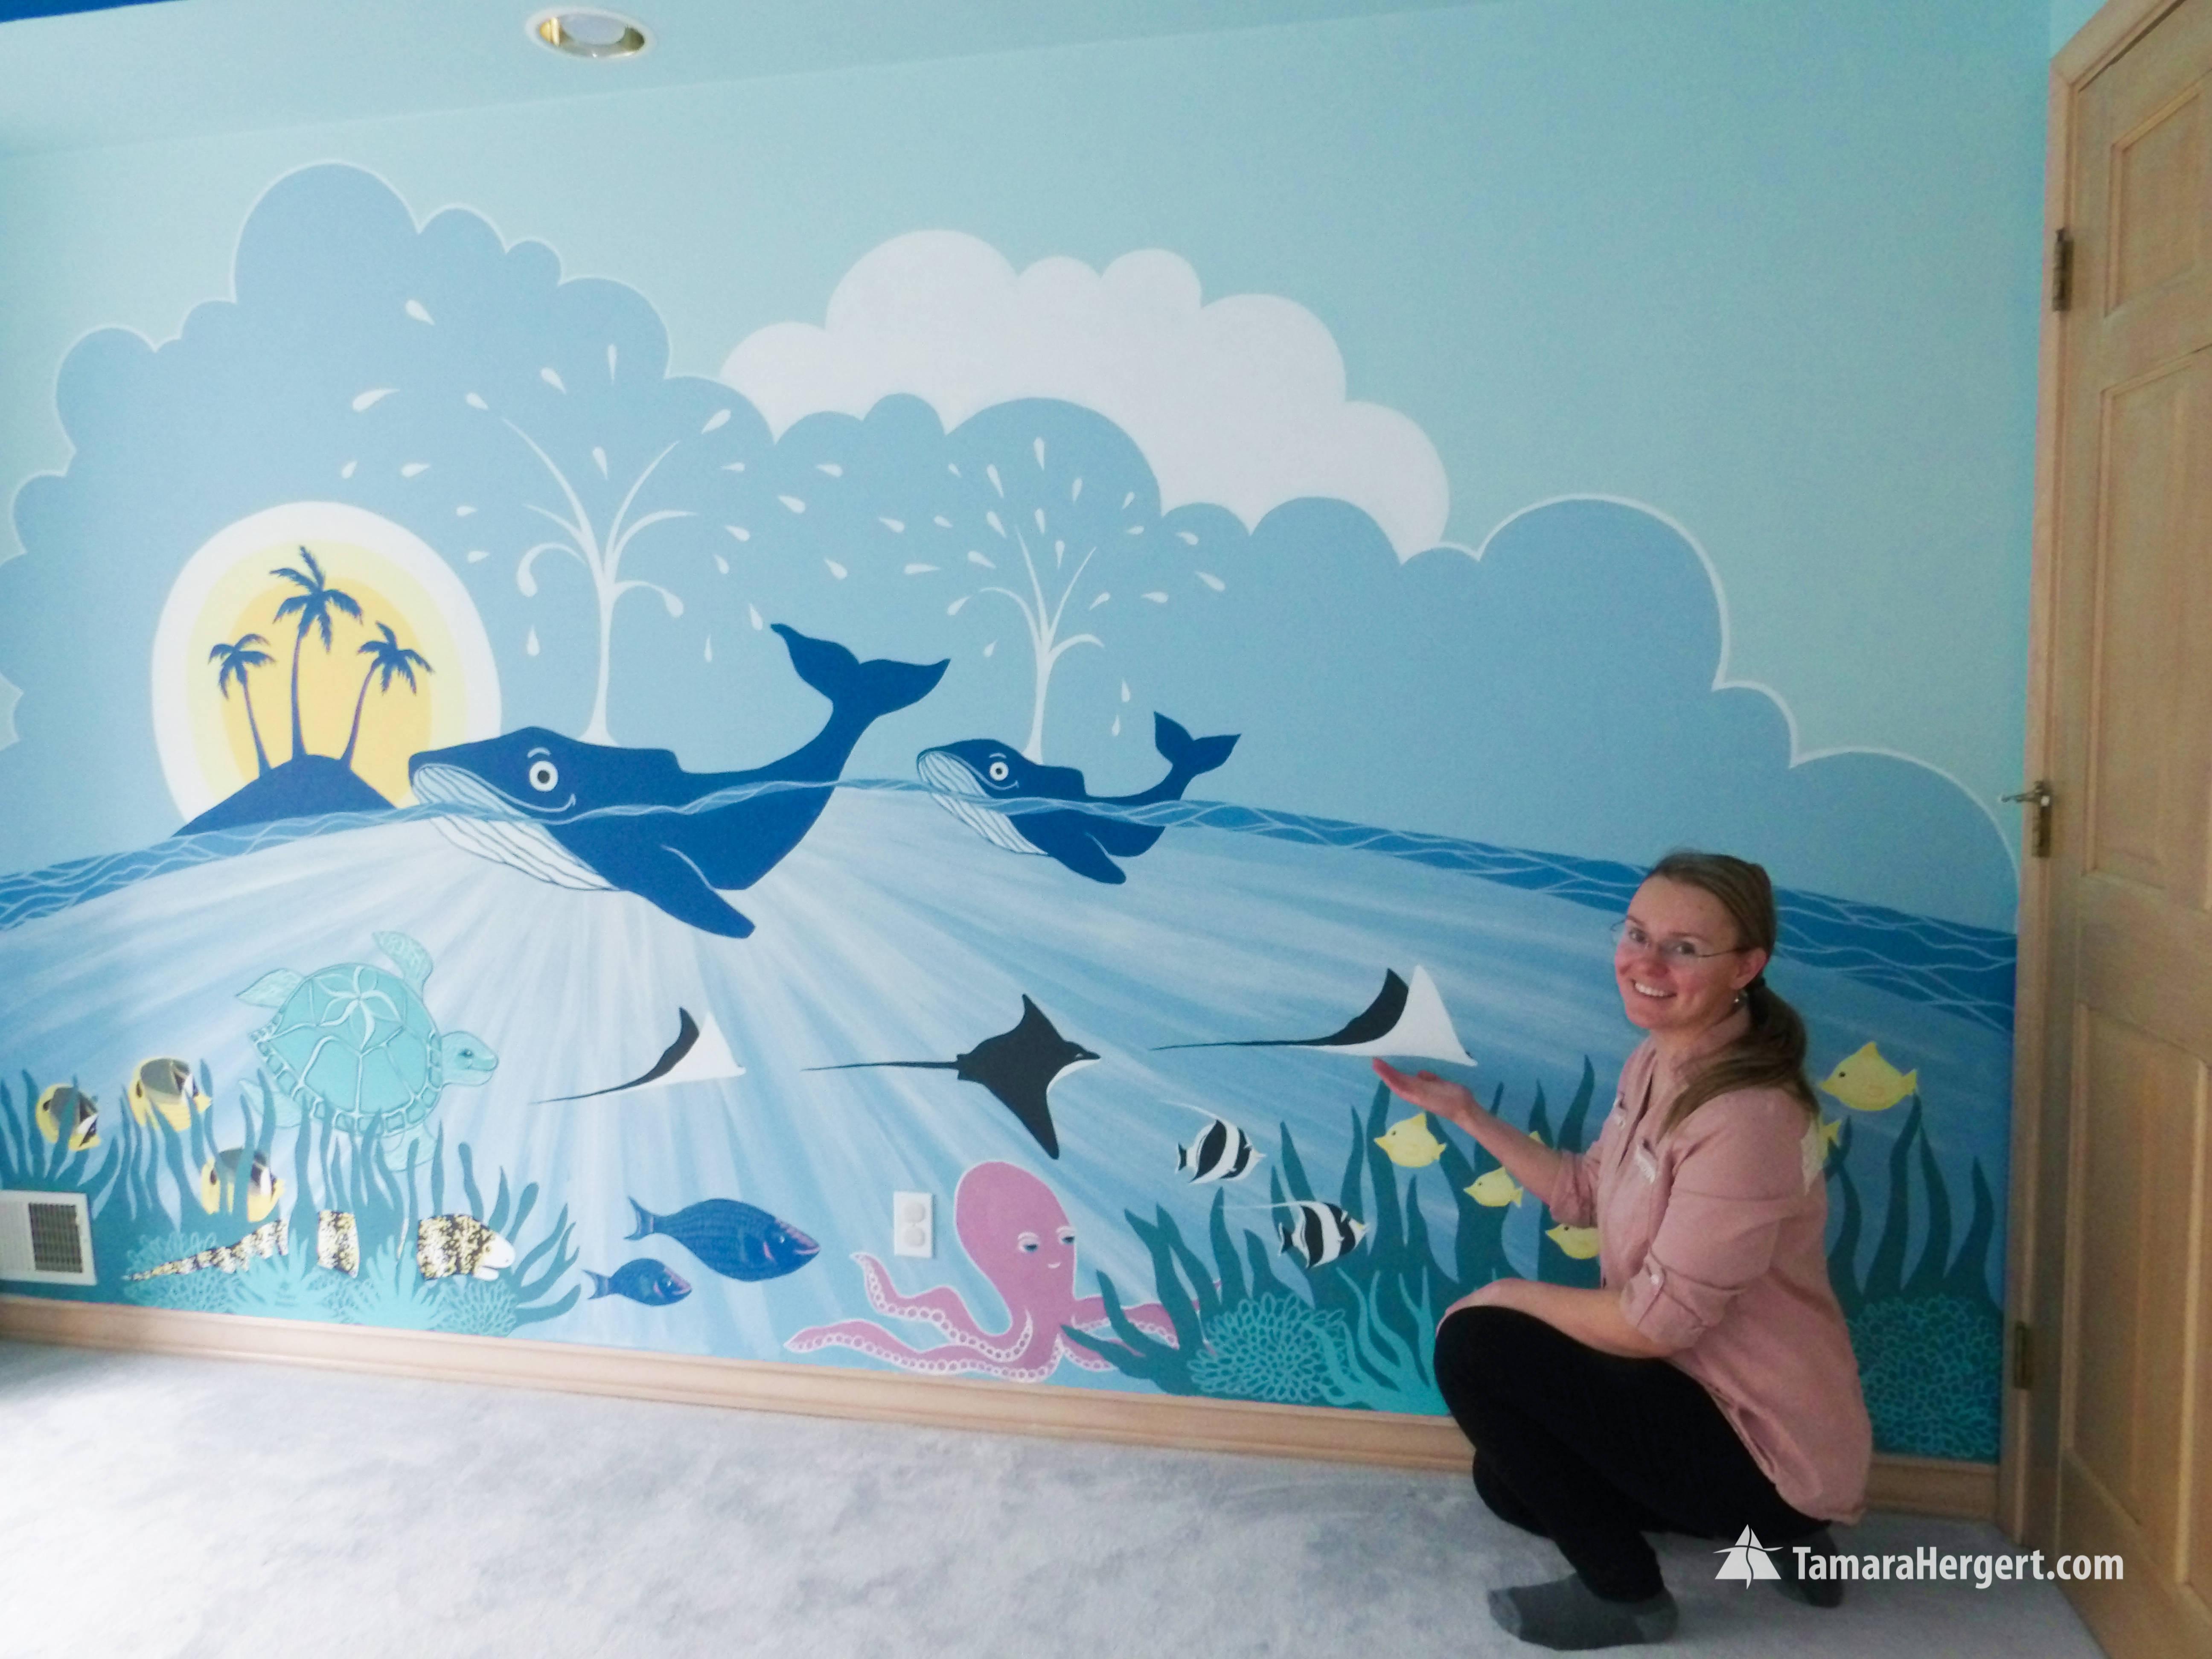 Sealife mural by Tamara Hergert 8